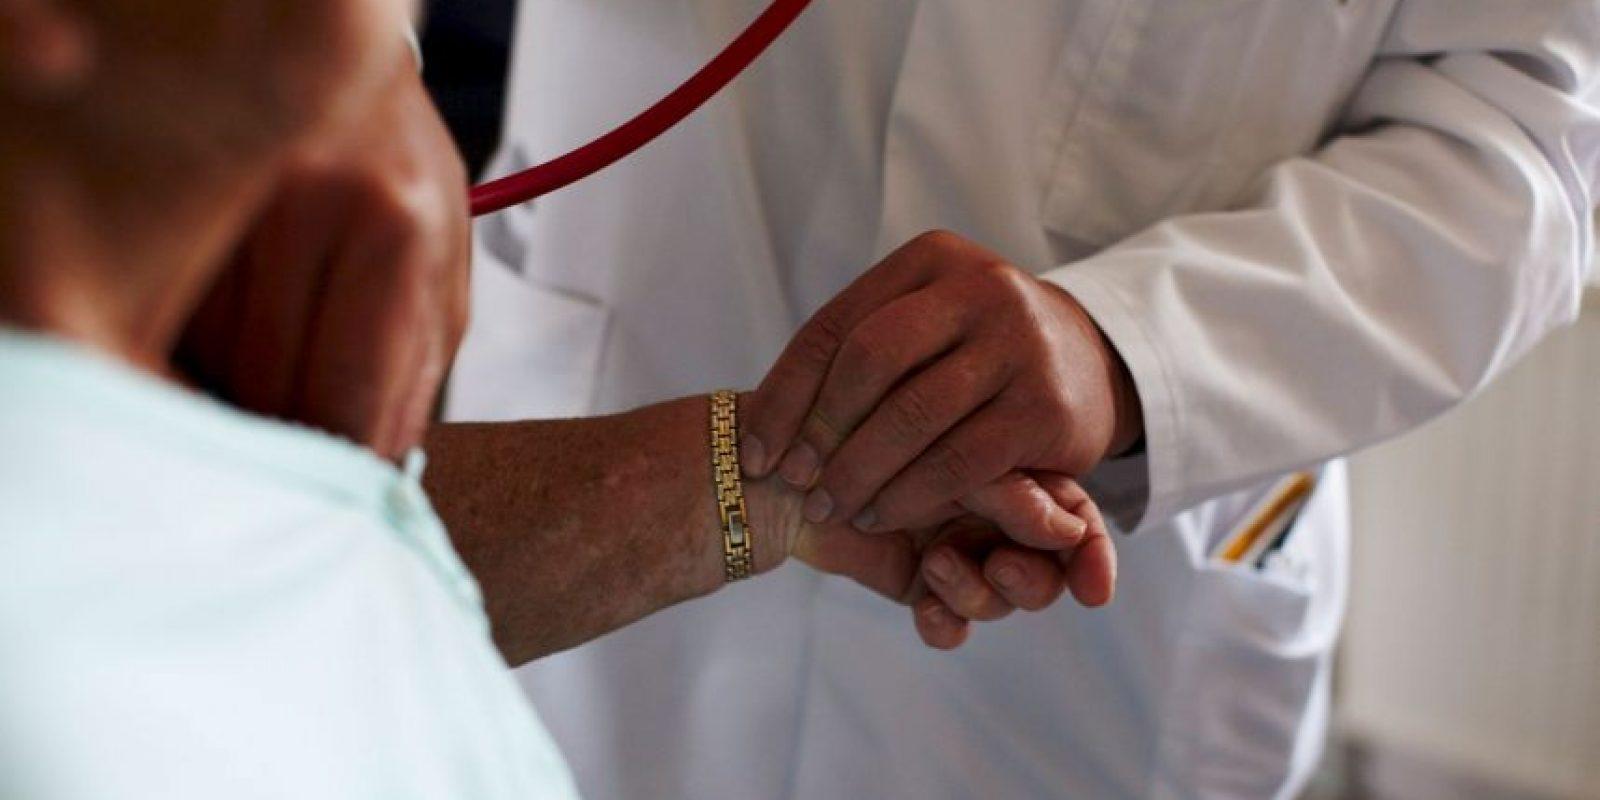 Algunas hernias no causan problemas, mientras que otros pueden causar una obstrucción intestinal o interrumpir el suministro de sangre al tejido afectado. Foto:Getty Images